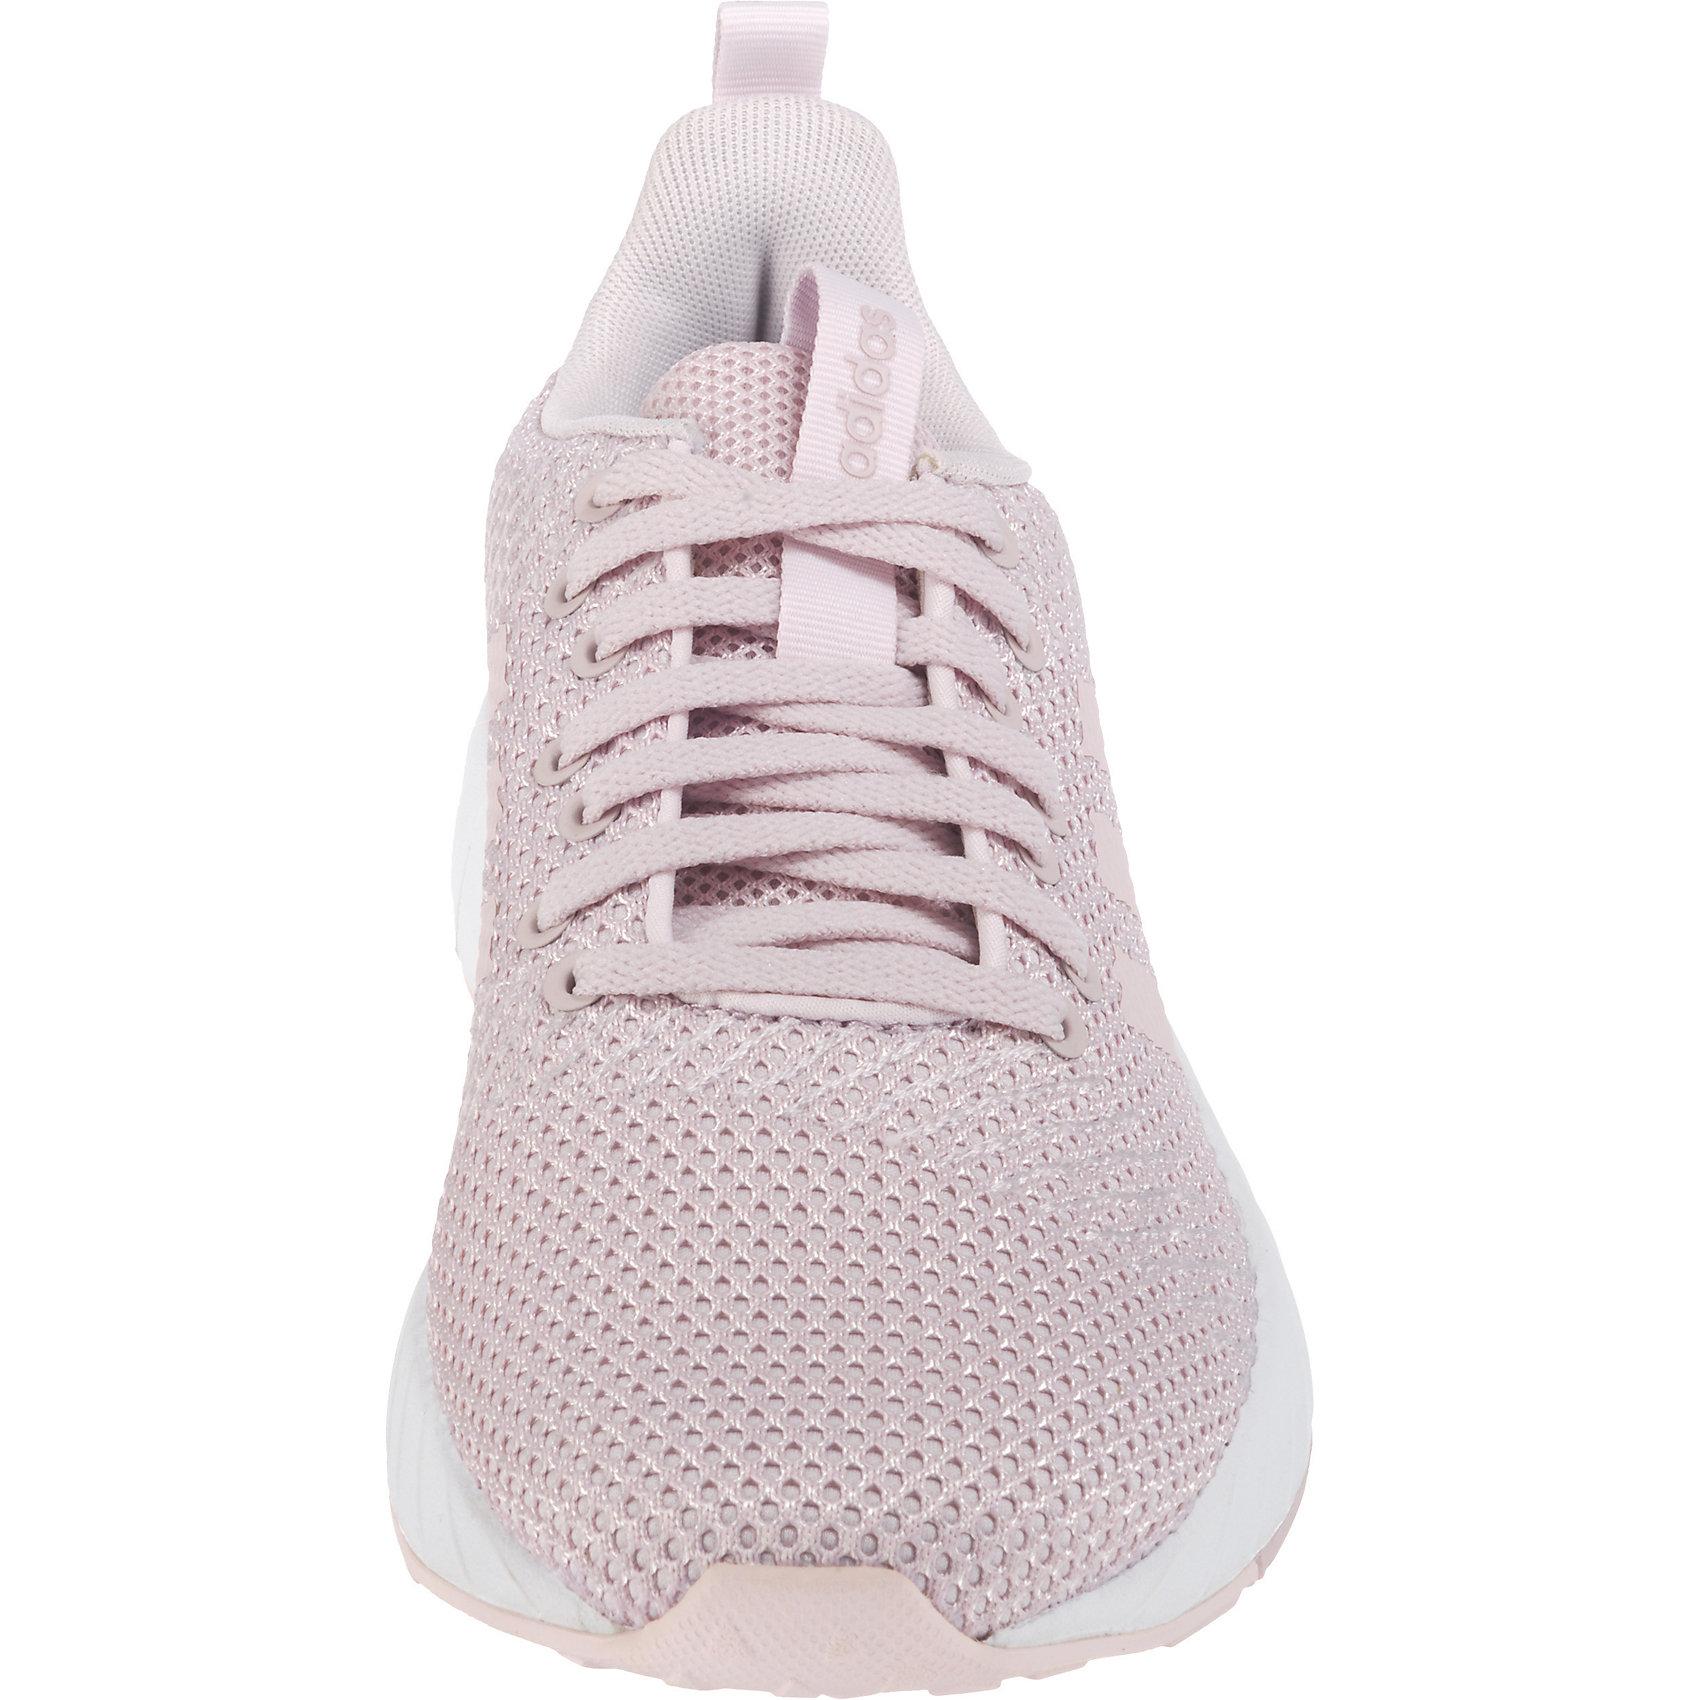 Kosten Online adidas X Plr J W Running Schuhe blau Amazon